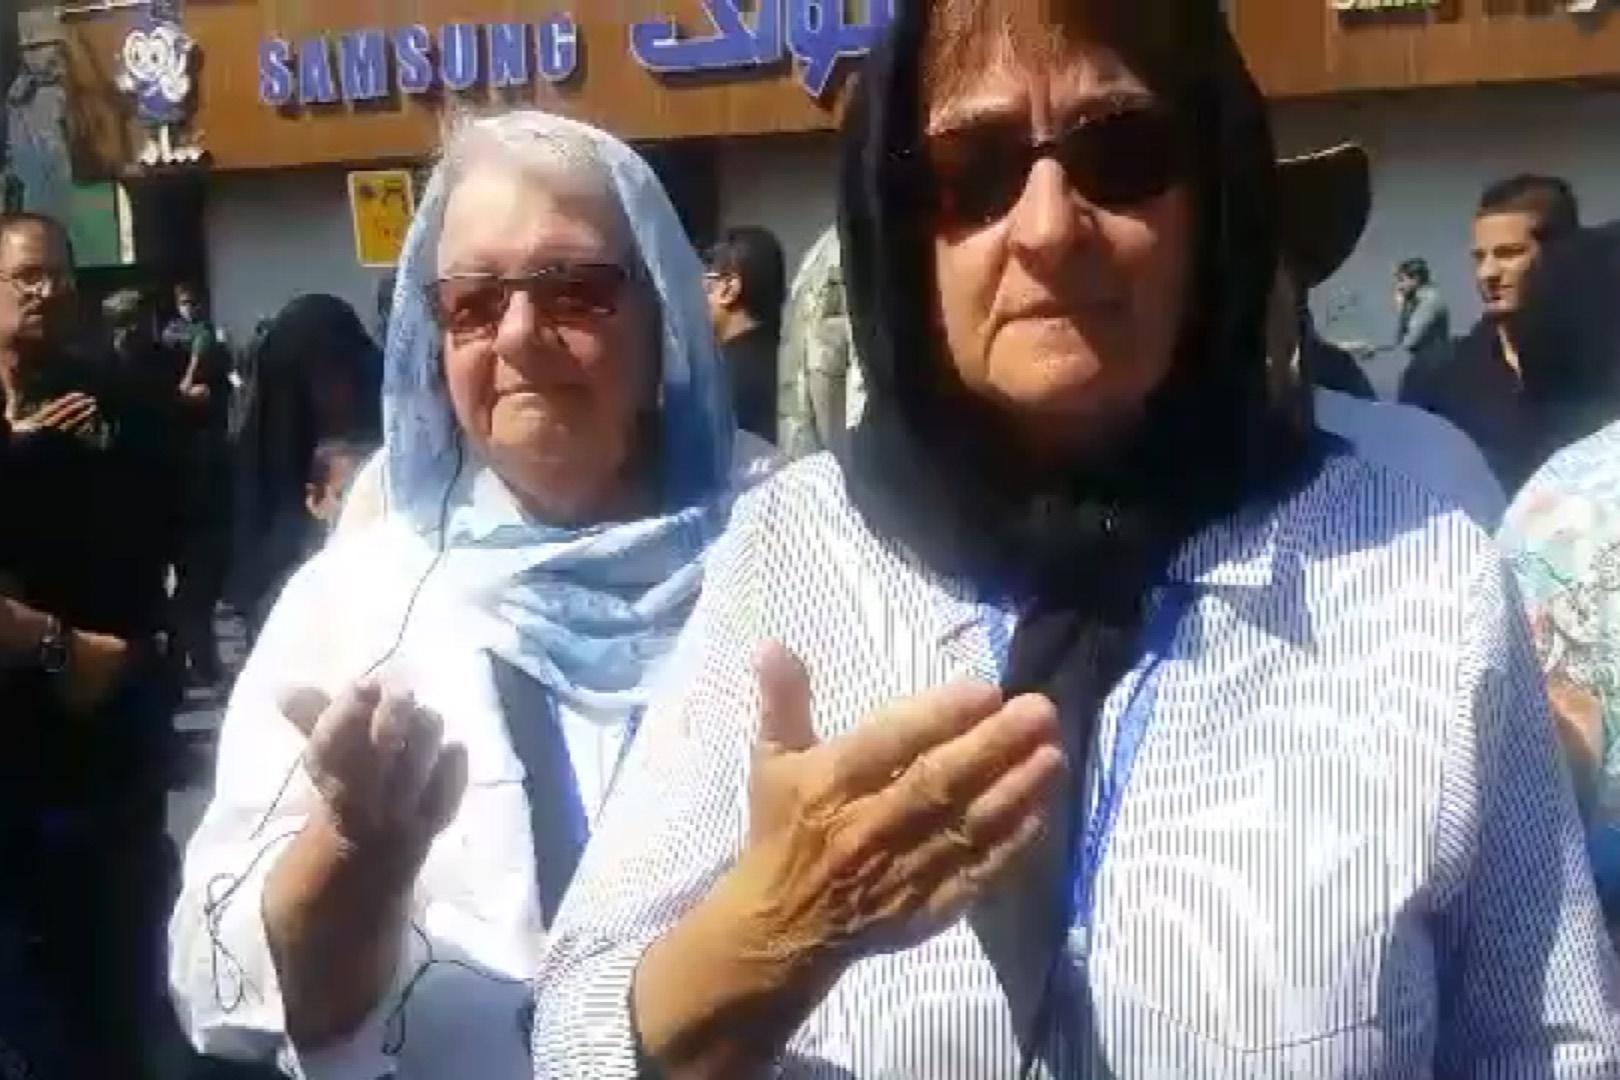 فیلم | گردشگران کانادایی و امریکایی در حال سینهزنی در میان مردم ایران